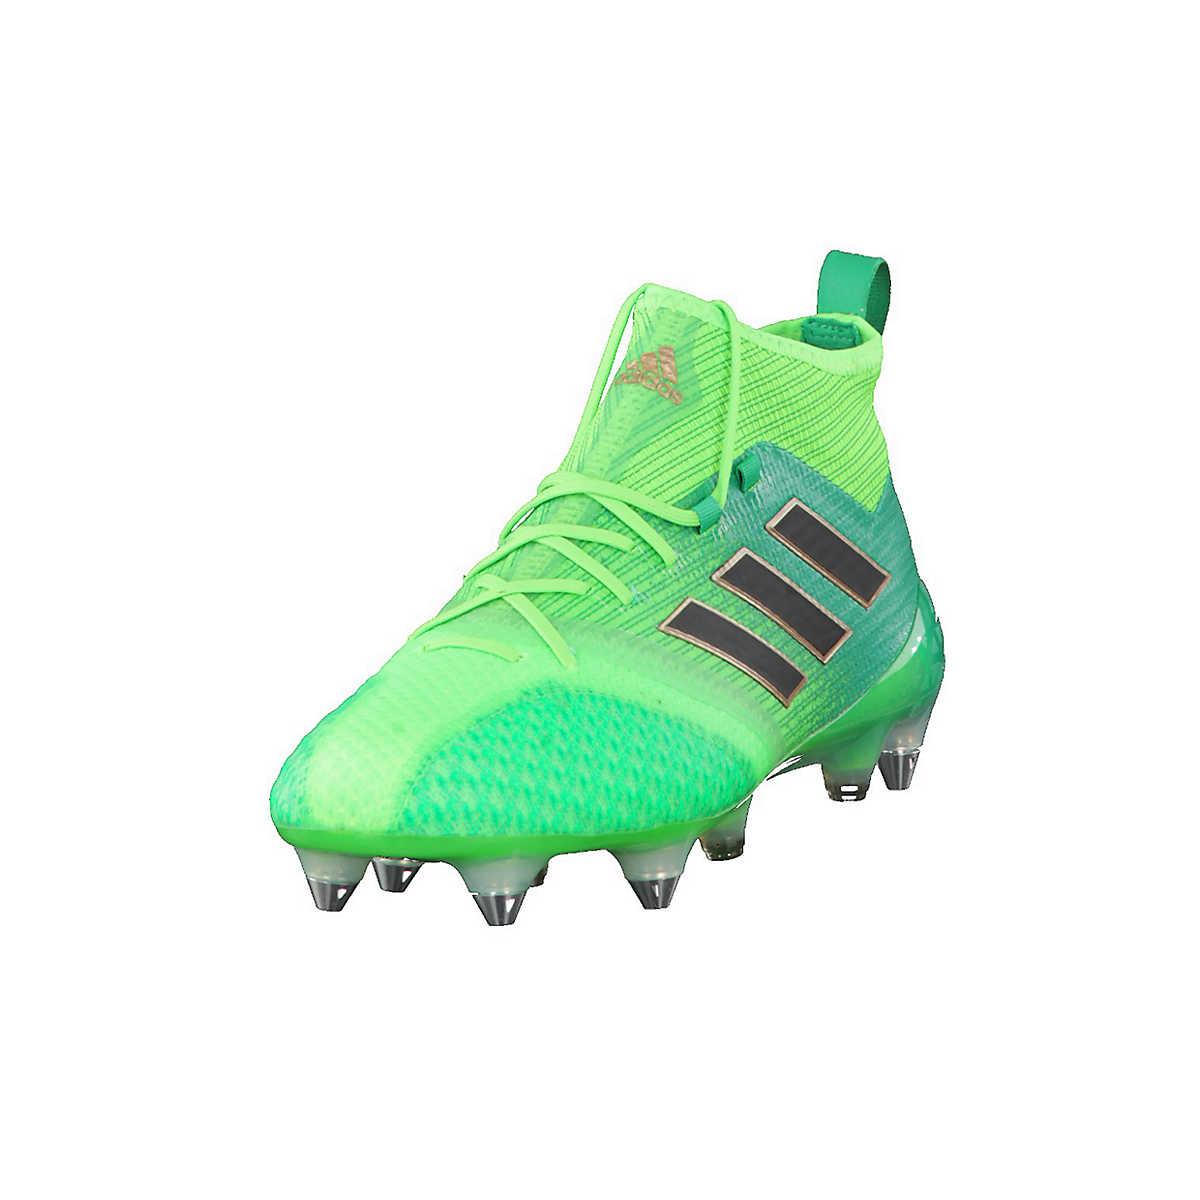 adidas Performance Sportschuhe gr�¼n - adidas Performance - Sportschuhe - Schuhe - mirapodo.de